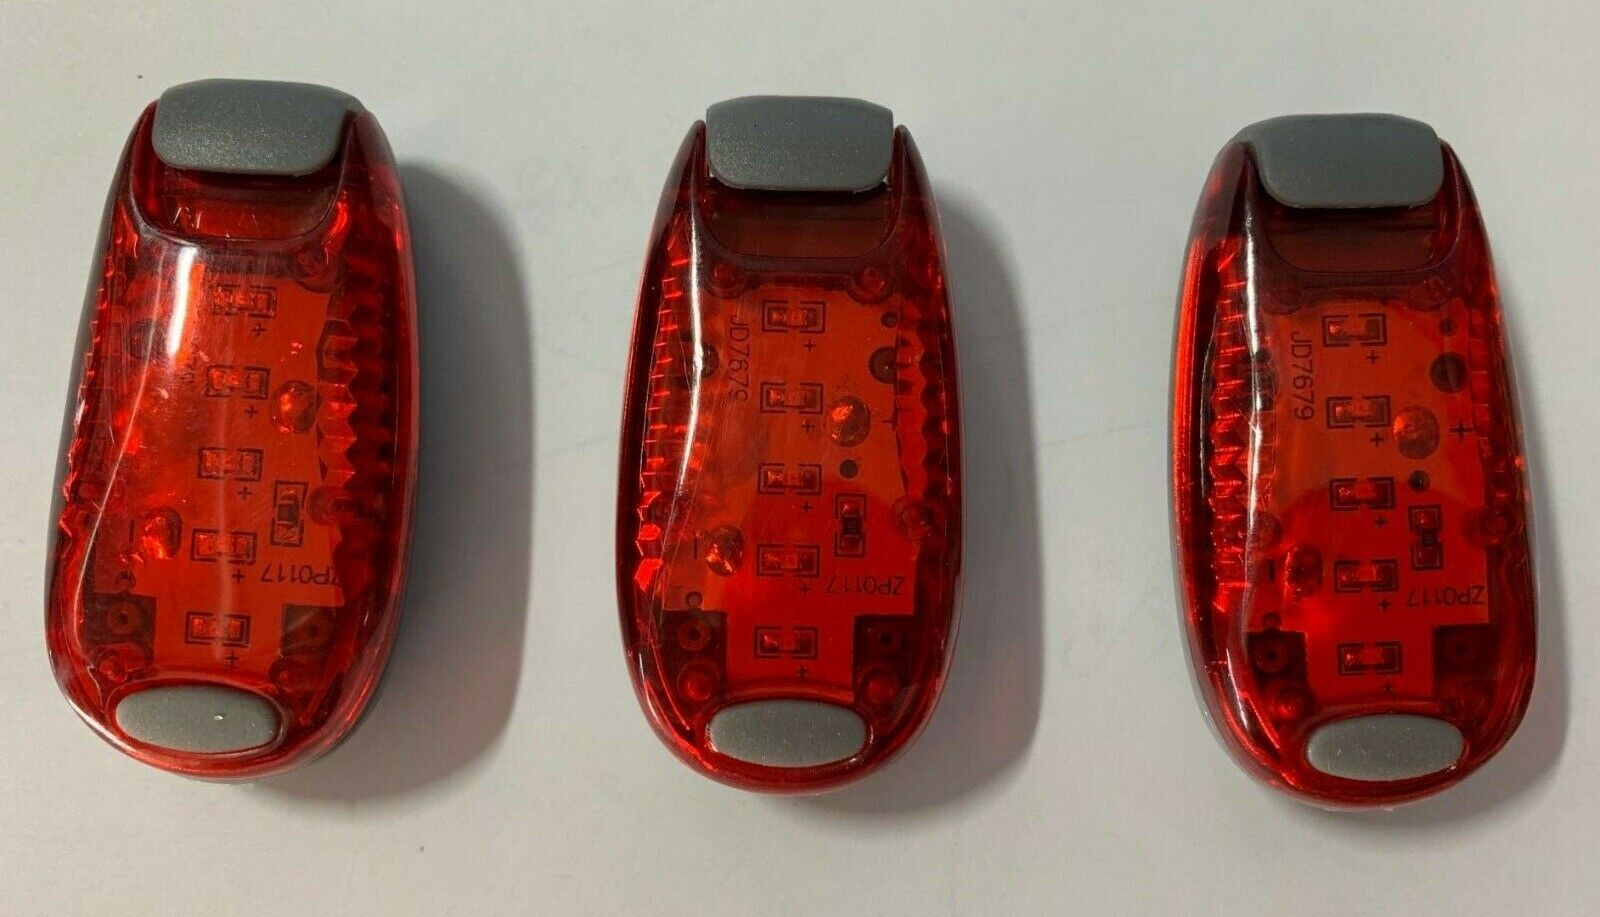 3pack led safety light clip on strobe